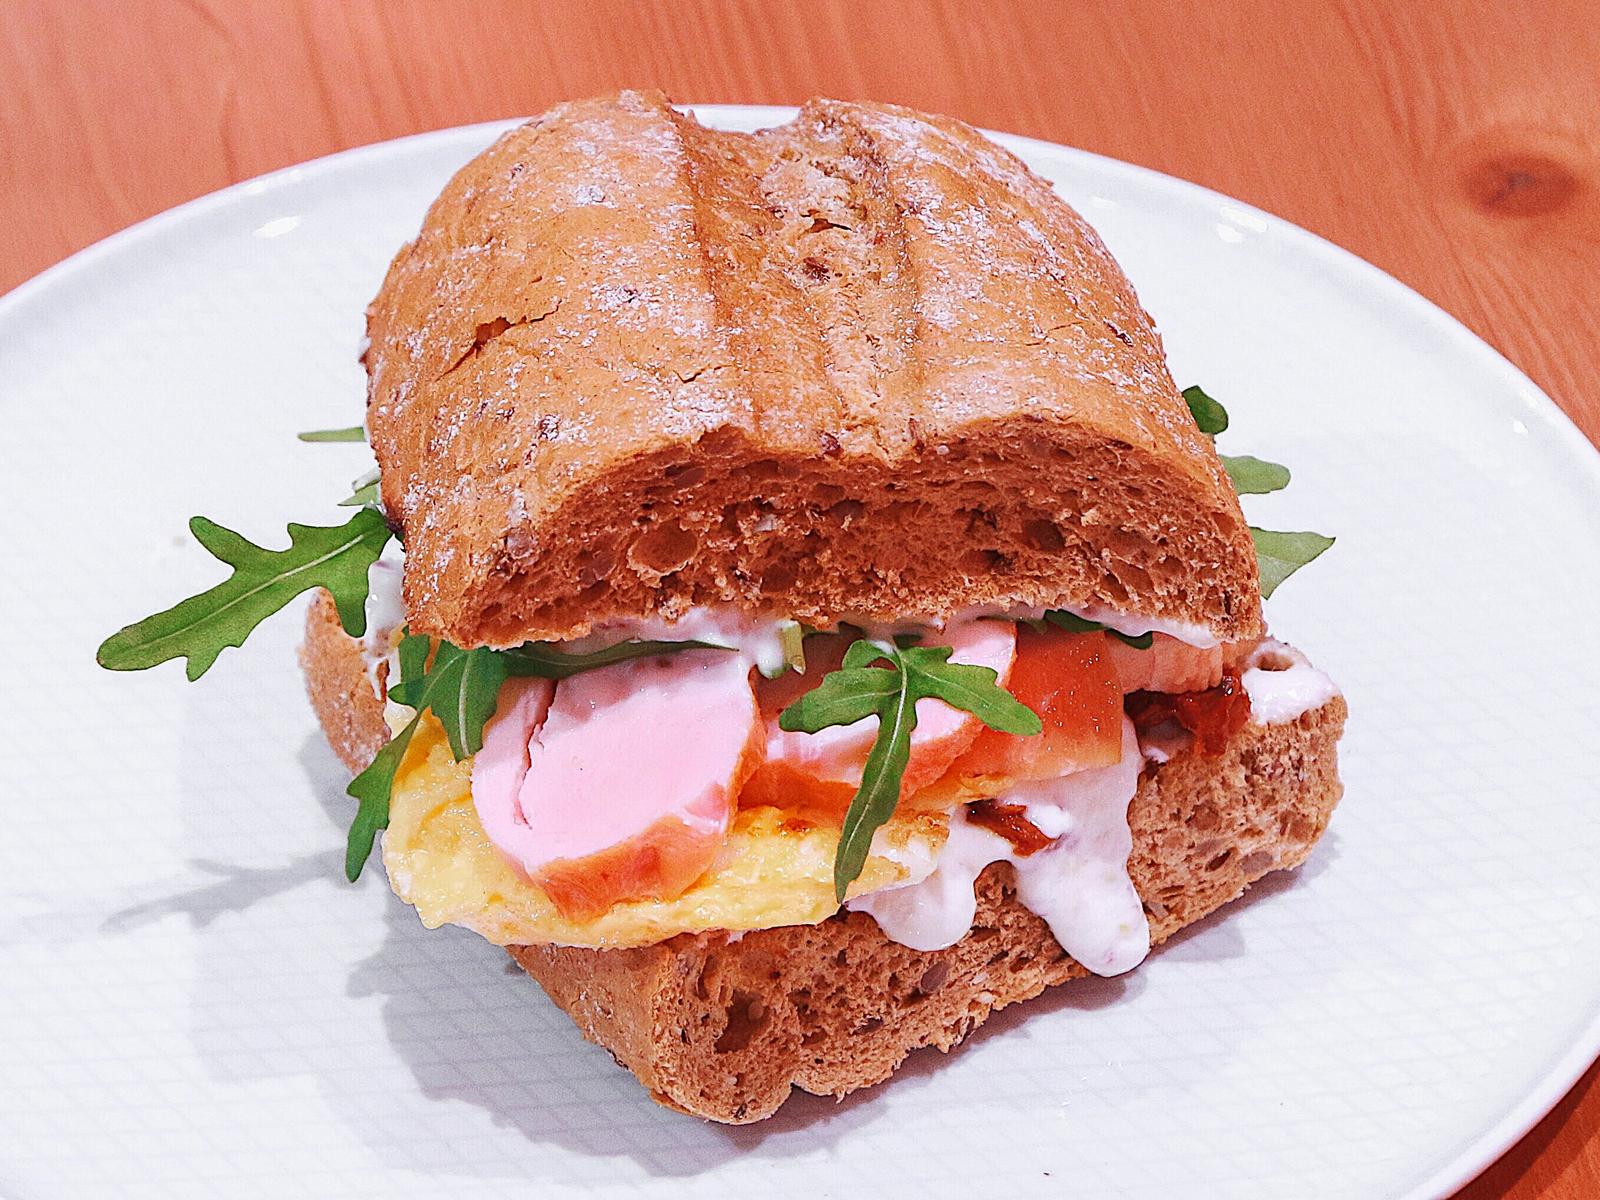 Теплый сэндвич с курицей и скремблом